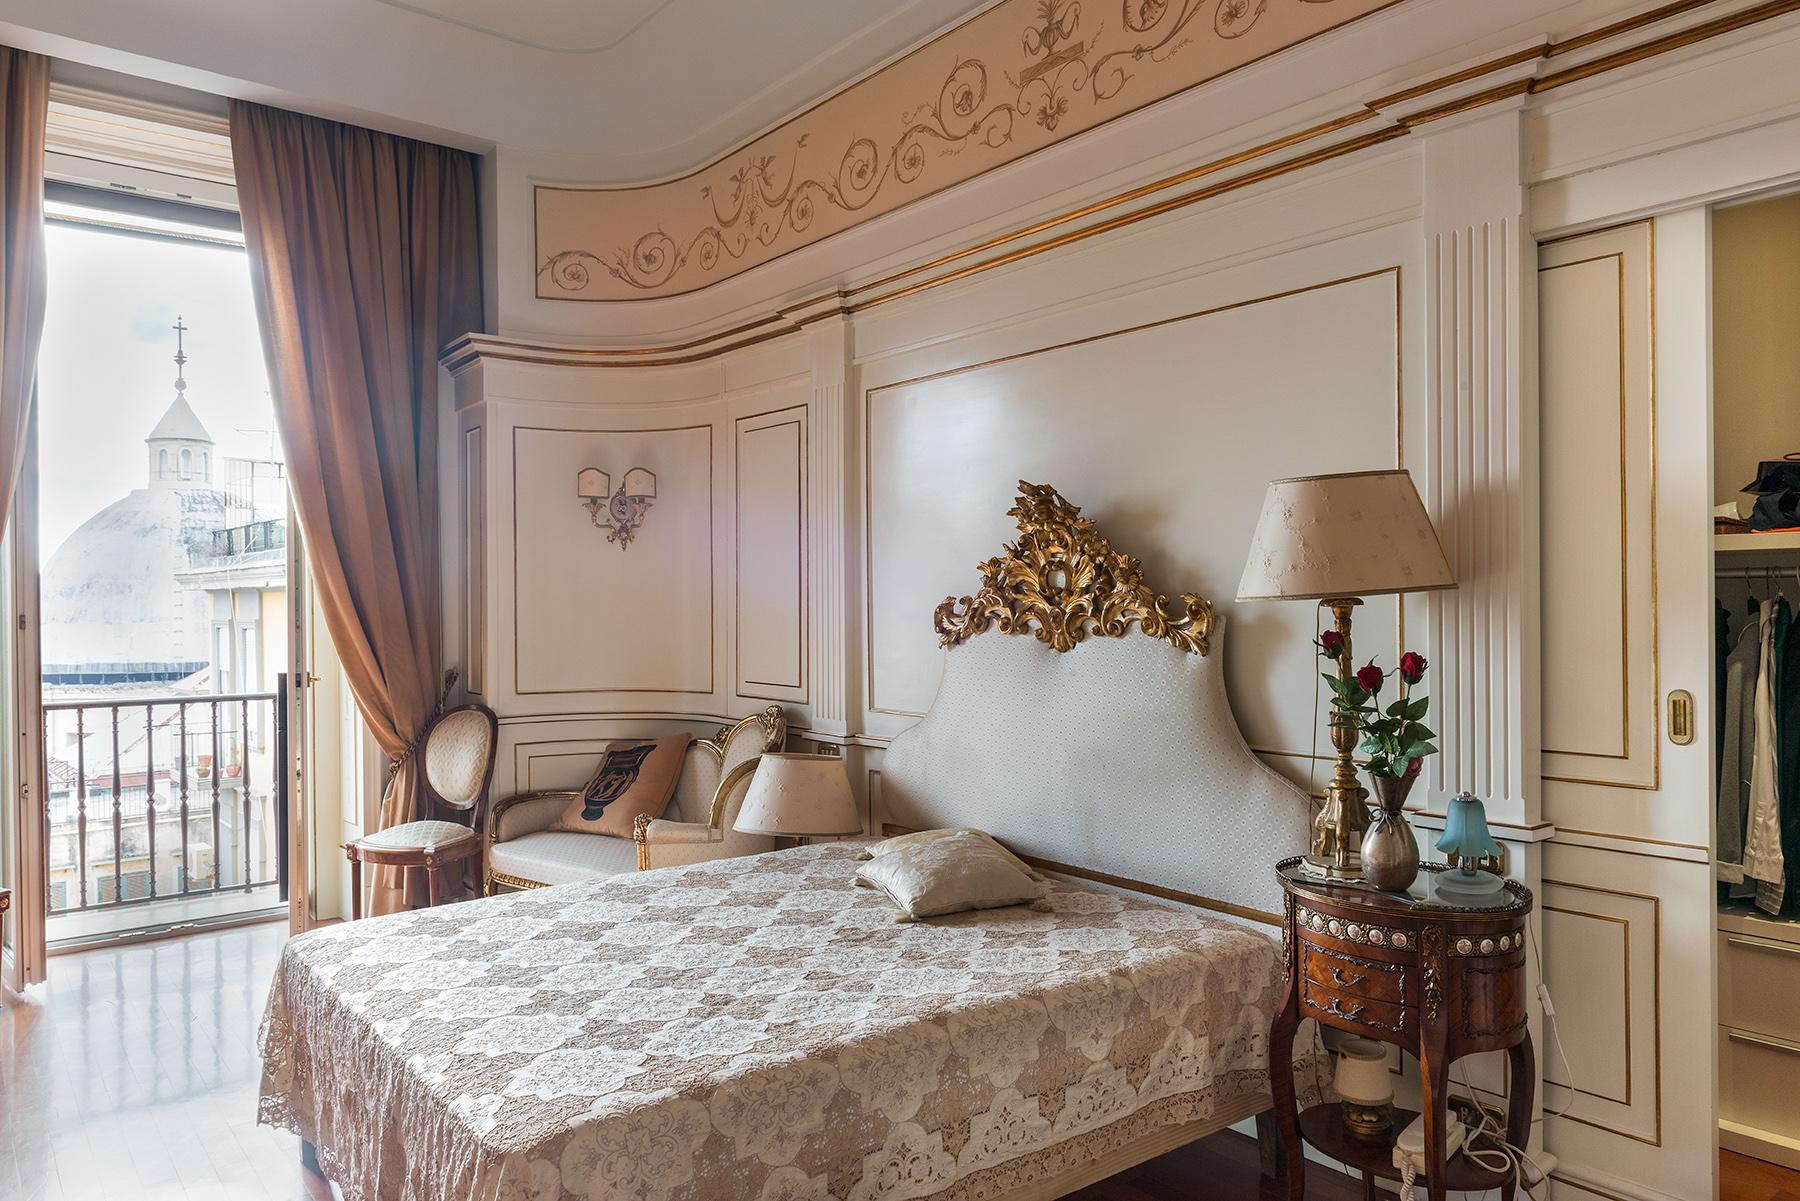 古典风格的奢华公寓 - 16